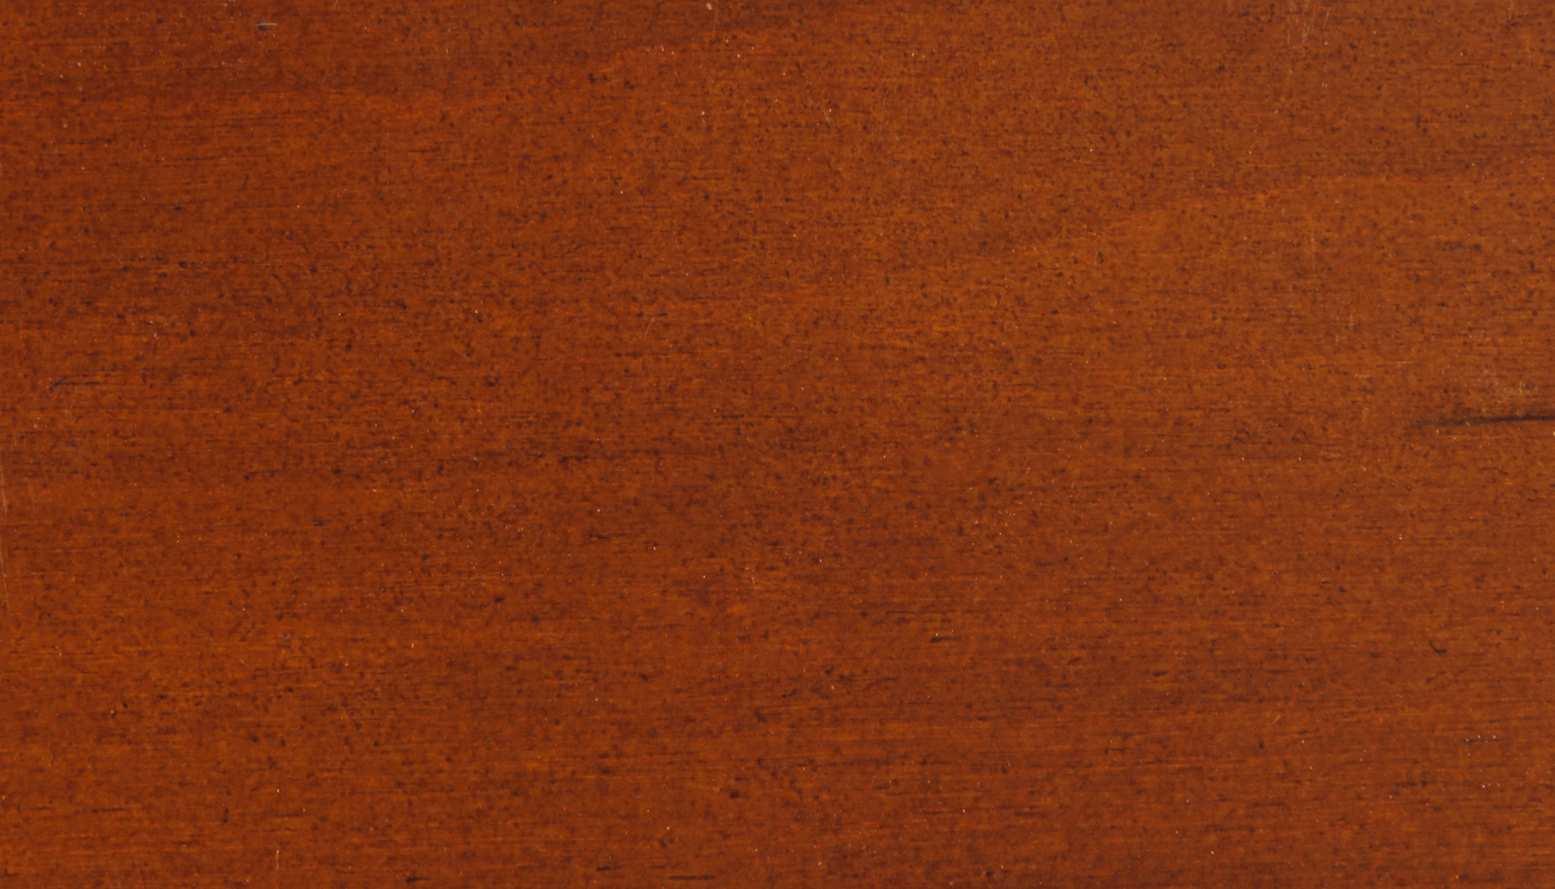 culoarea lemnului - cires, pentru picioare si polite laptop